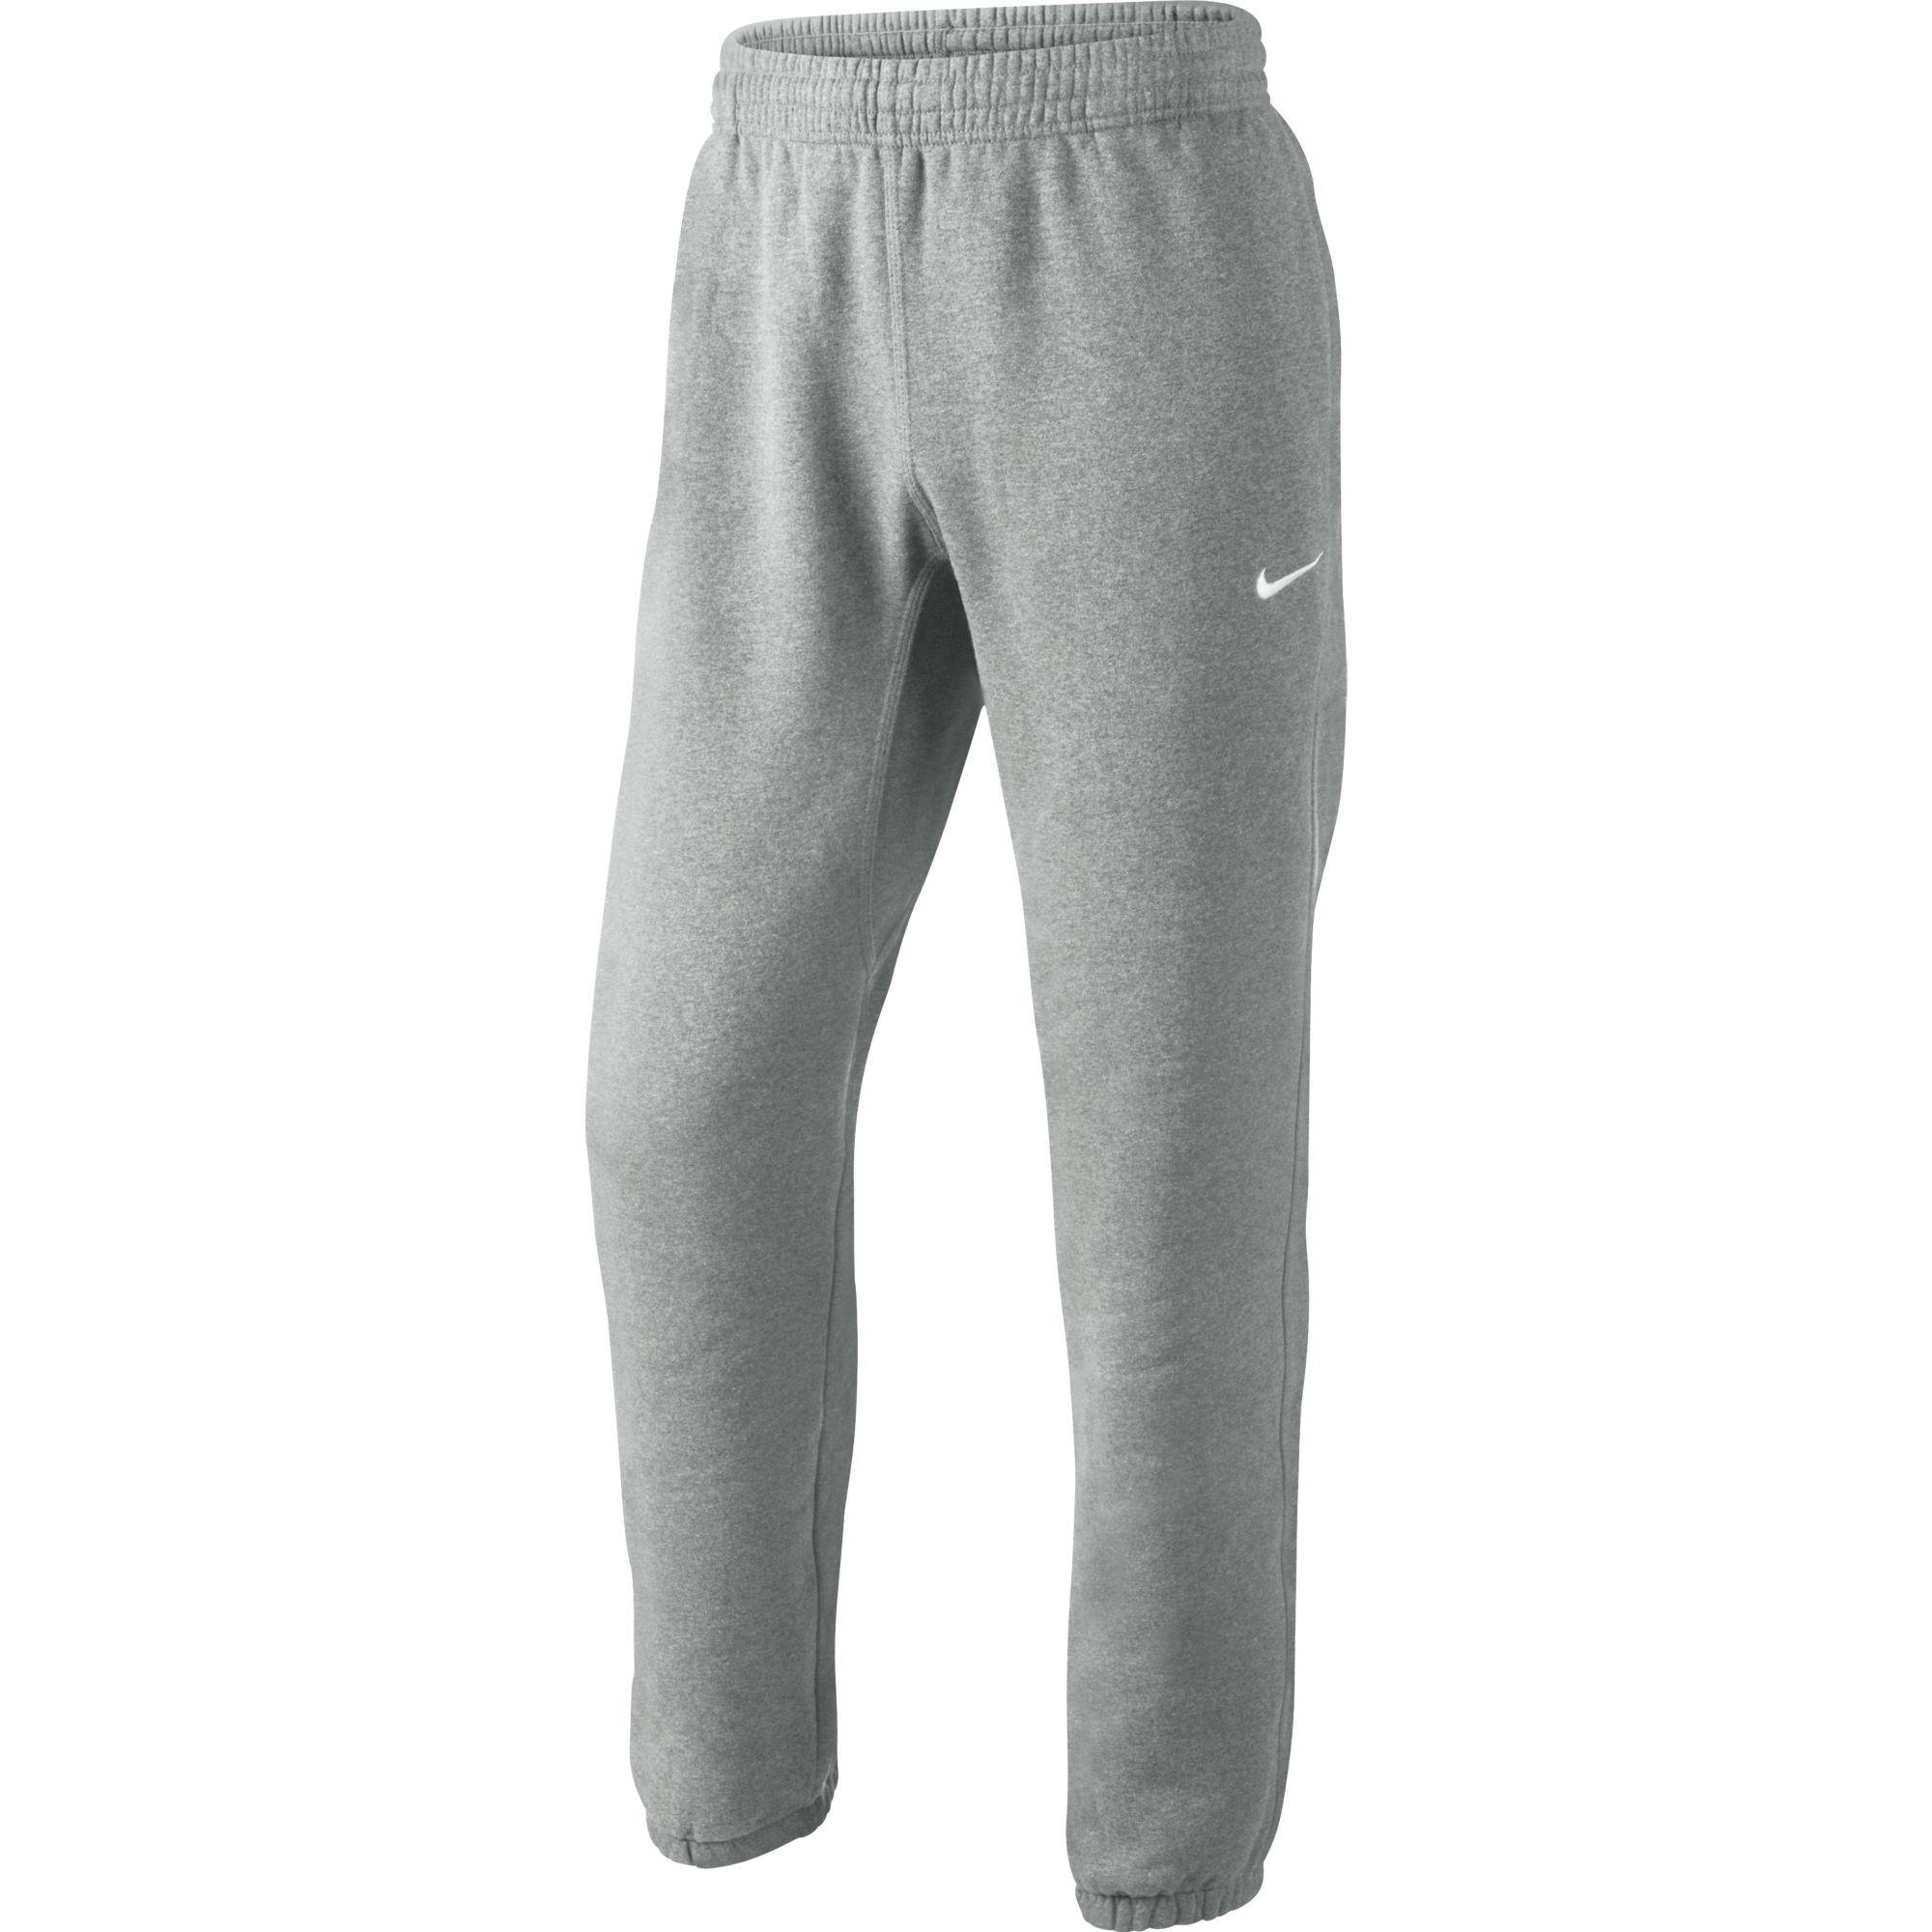 Je veux trouver des vêtements de sports fitness running de qualité et pas  cher ICI Bas de survetement nike 11d97b6b7dfe